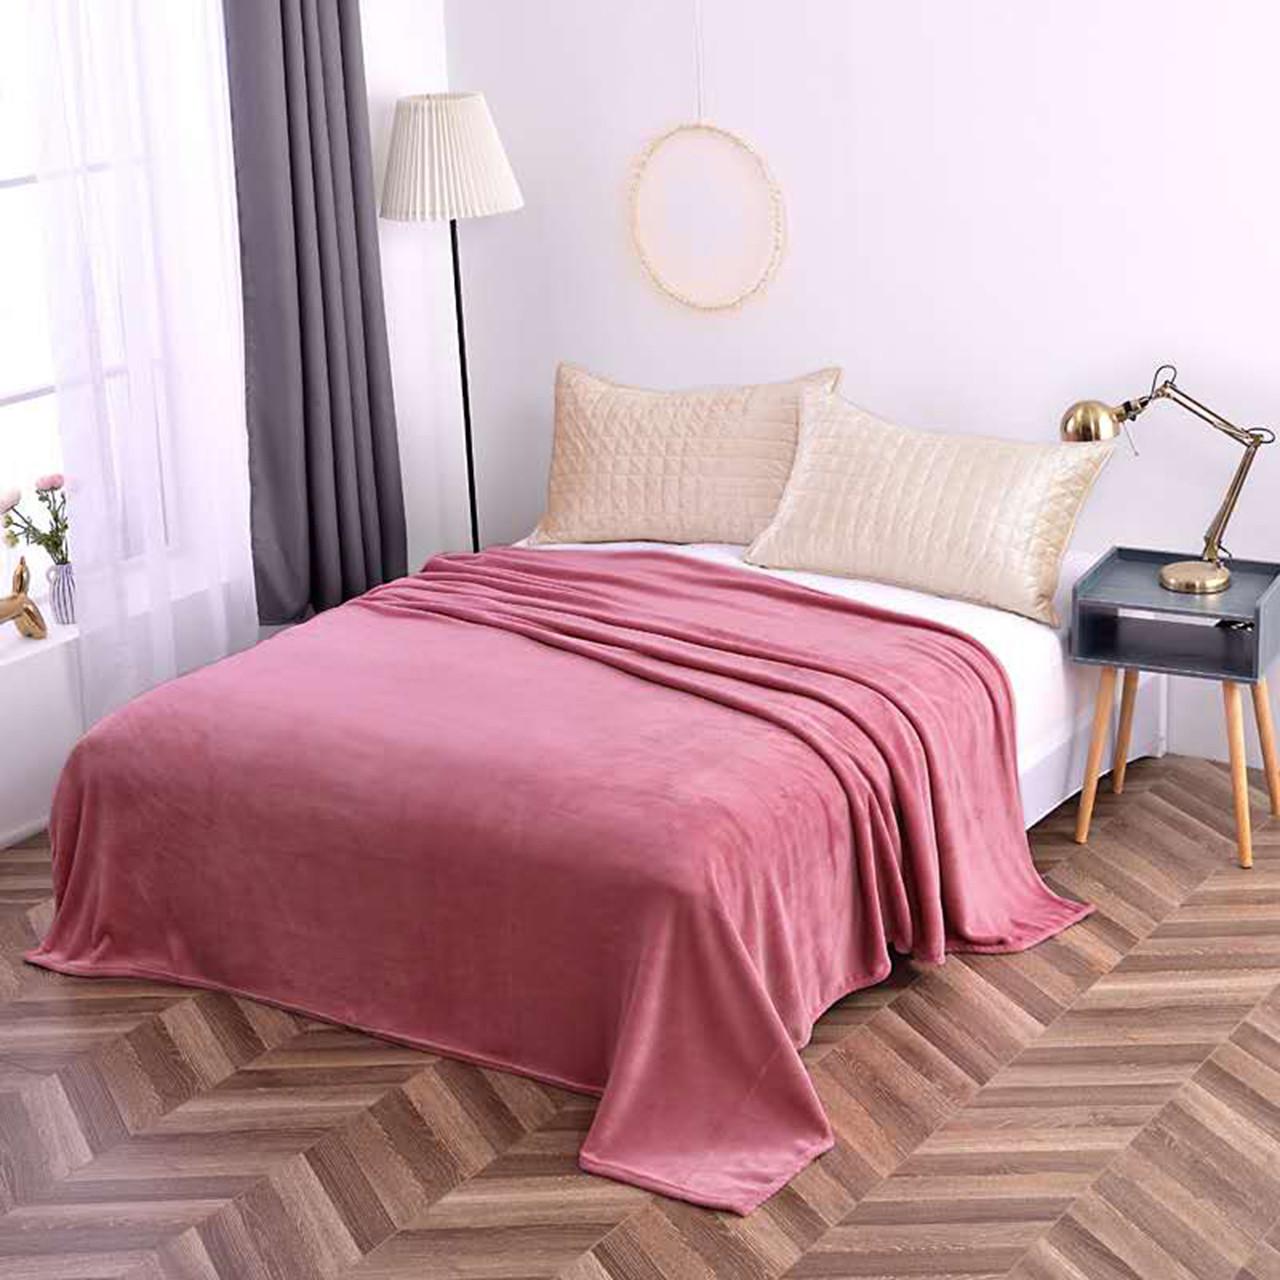 Плед полуторный розовый микрофибра, нежное полуторное покрывало на кровать 160х200см